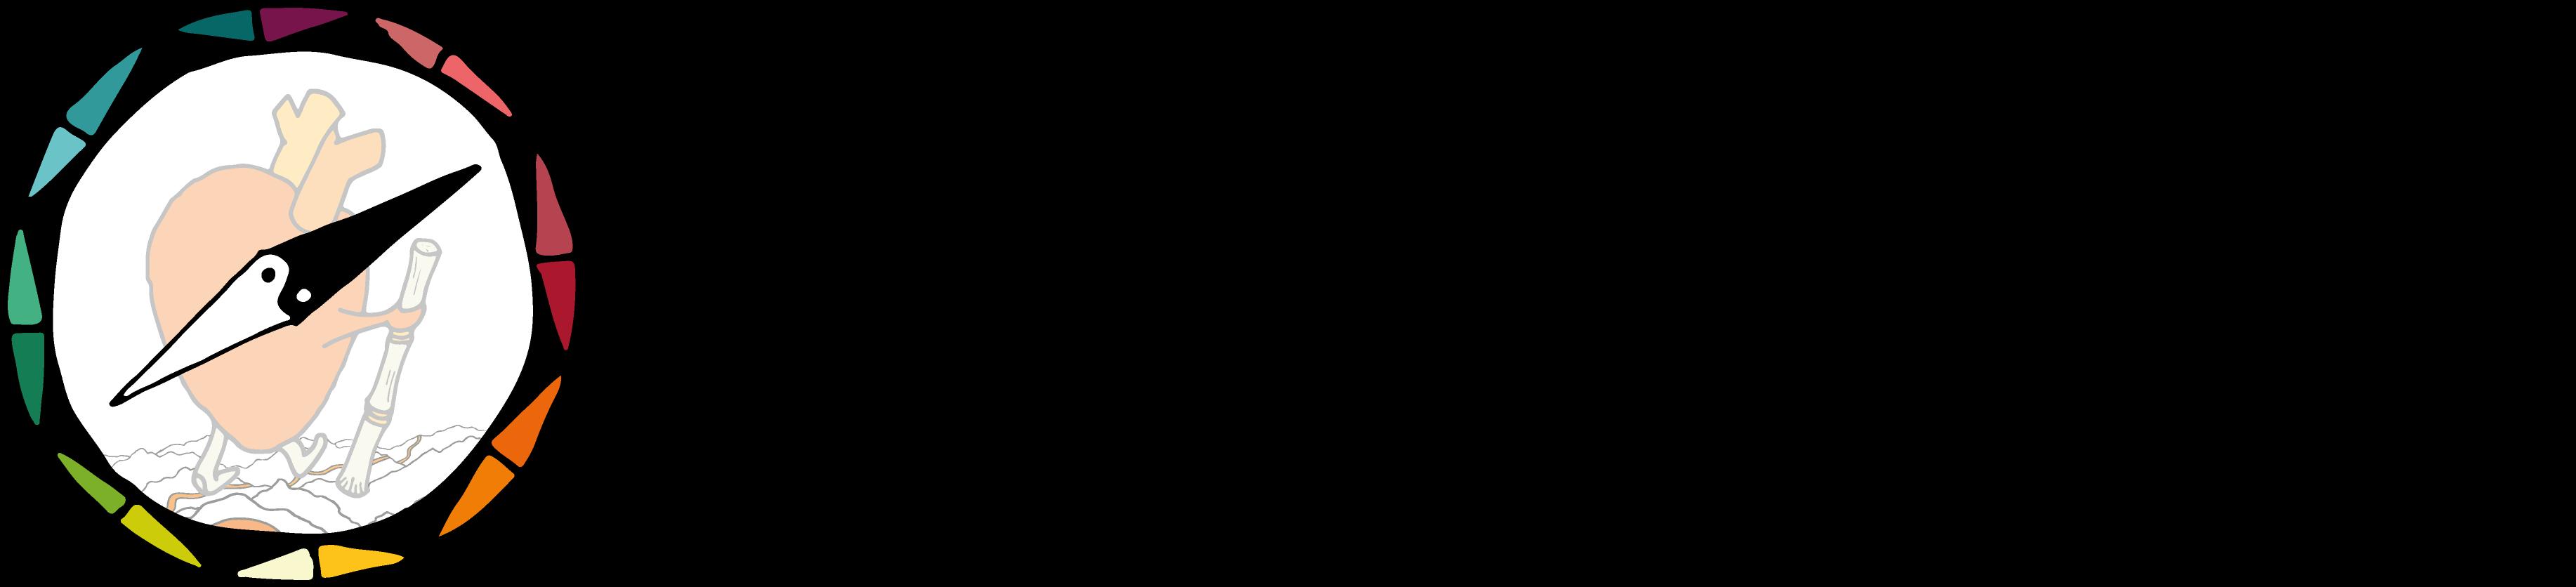 [Logo] cdr_jouw-kompas-voor-onderweg_fg-compass_bg-heart